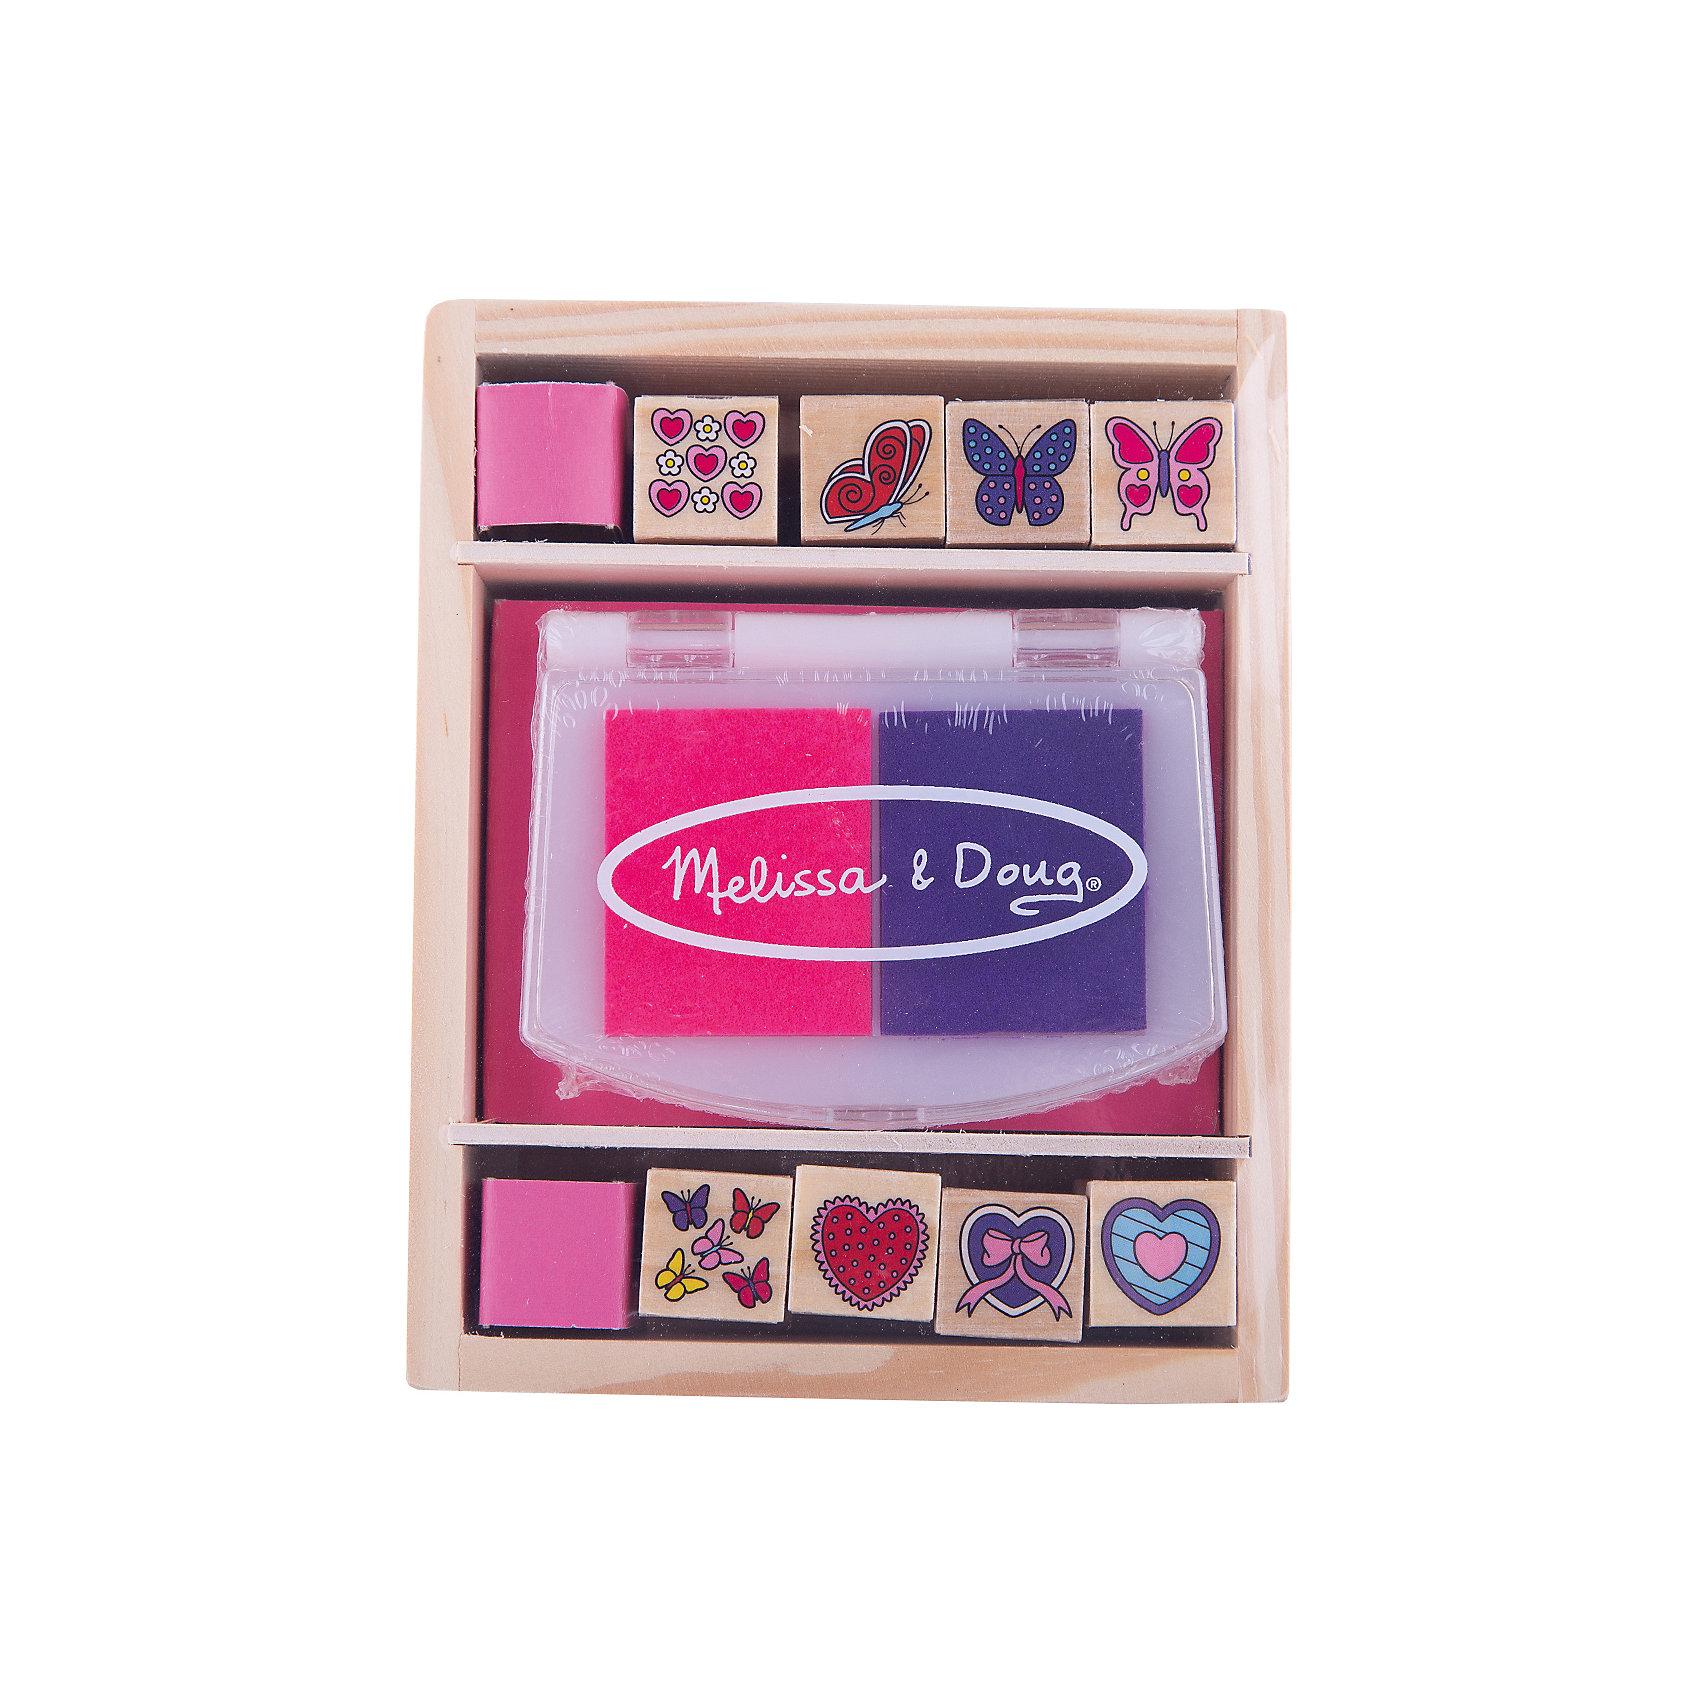 Набор печатей Бабочки и сердечки, Melissa &amp; DougРисование<br>Отличный набор серии «Творчество», хранящийся в удобном деревянном ящичке. <br><br>В набор печатей «Бабочки и сердечки» входит двухцветная нетоксичная штемпельная подушечка, 8 печатей с изображениями бабочек и сердечек. <br><br>С этими штампиками ваш ребенок сможет создать красивые рисунки. Очень актуальная игрушка для детей, которые пока еще слишком малы и не умеют рисовать. <br><br>Чернила с печатей смываются, благодаря чему Ваш маленький художник может неоднократно радовать Вас яркими картинками. <br><br>Дополнительная информация:<br><br>Материал: дерево<br>Размер: 5 х 13 х 16 см<br>В комплекте 8 штампов и двухцветная подушечка<br><br>Набор печатей Бабочки и сердечки, Melissa &amp; Doug можно купить в нашем магазине.<br><br>Ширина мм: 50<br>Глубина мм: 160<br>Высота мм: 130<br>Вес г: 290<br>Возраст от месяцев: 48<br>Возраст до месяцев: 84<br>Пол: Женский<br>Возраст: Детский<br>SKU: 2401064